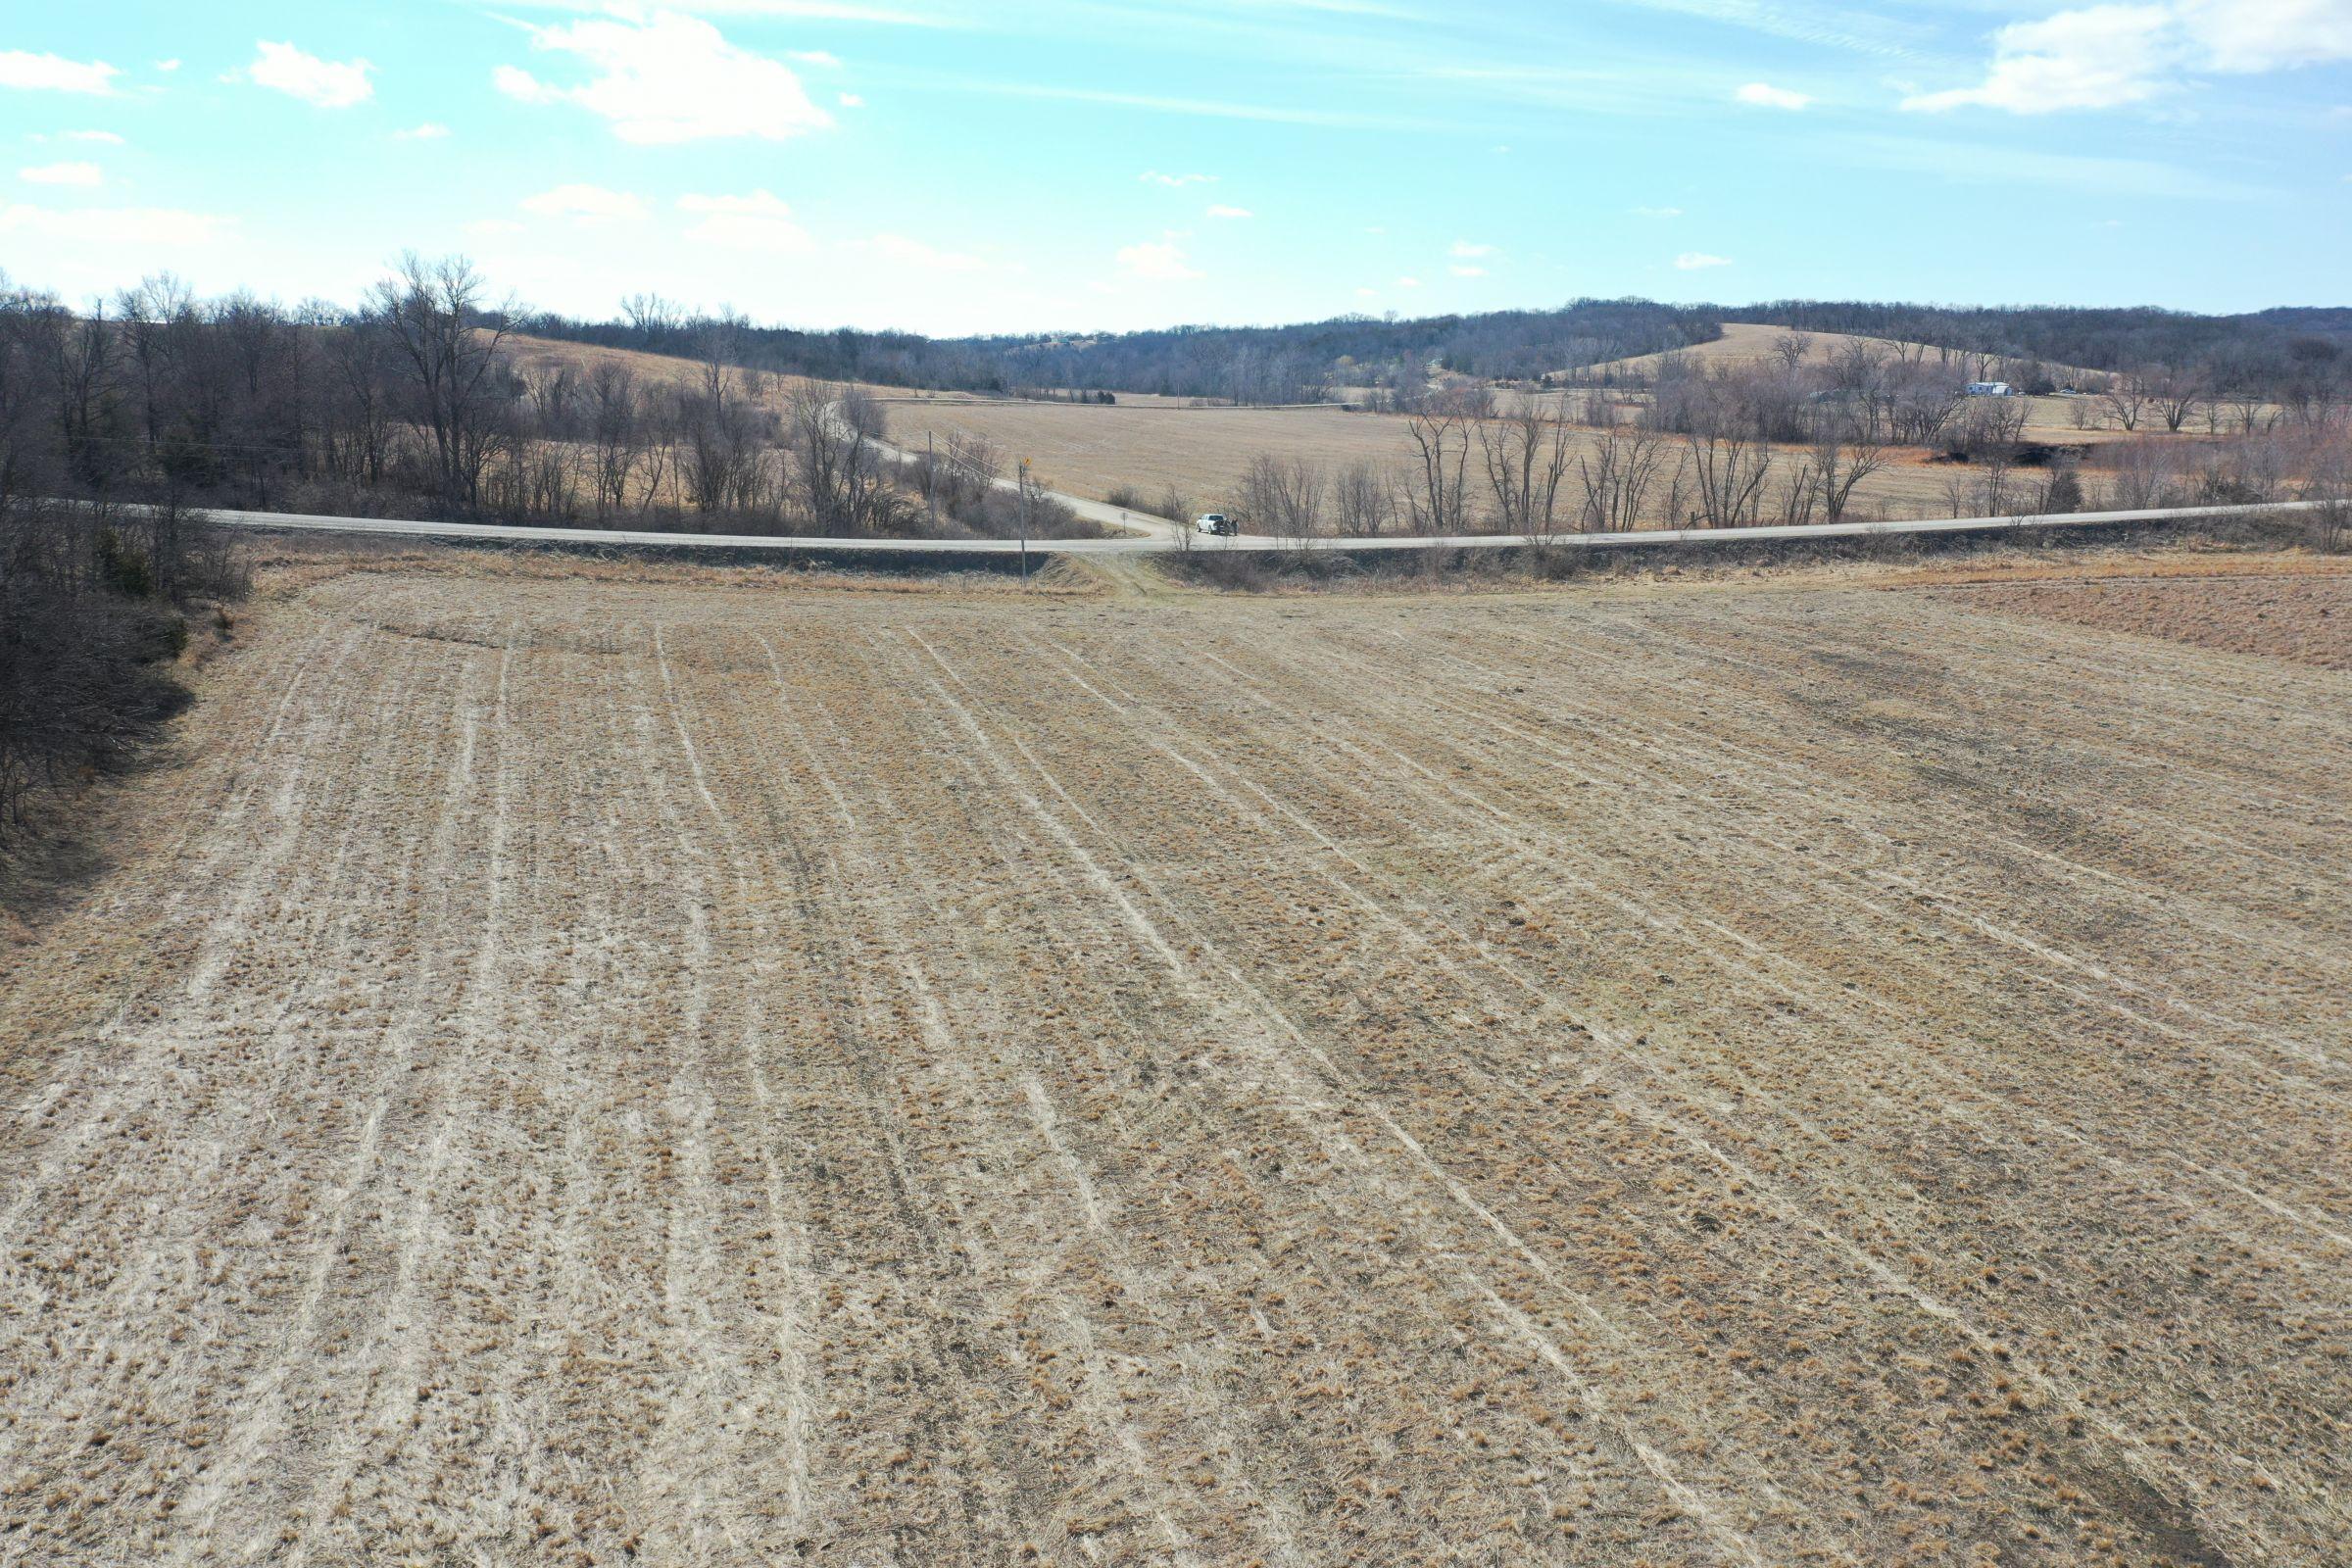 warren-county-iowa-0-acres-listing-number-15407-6-2021-03-11-230718.JPG